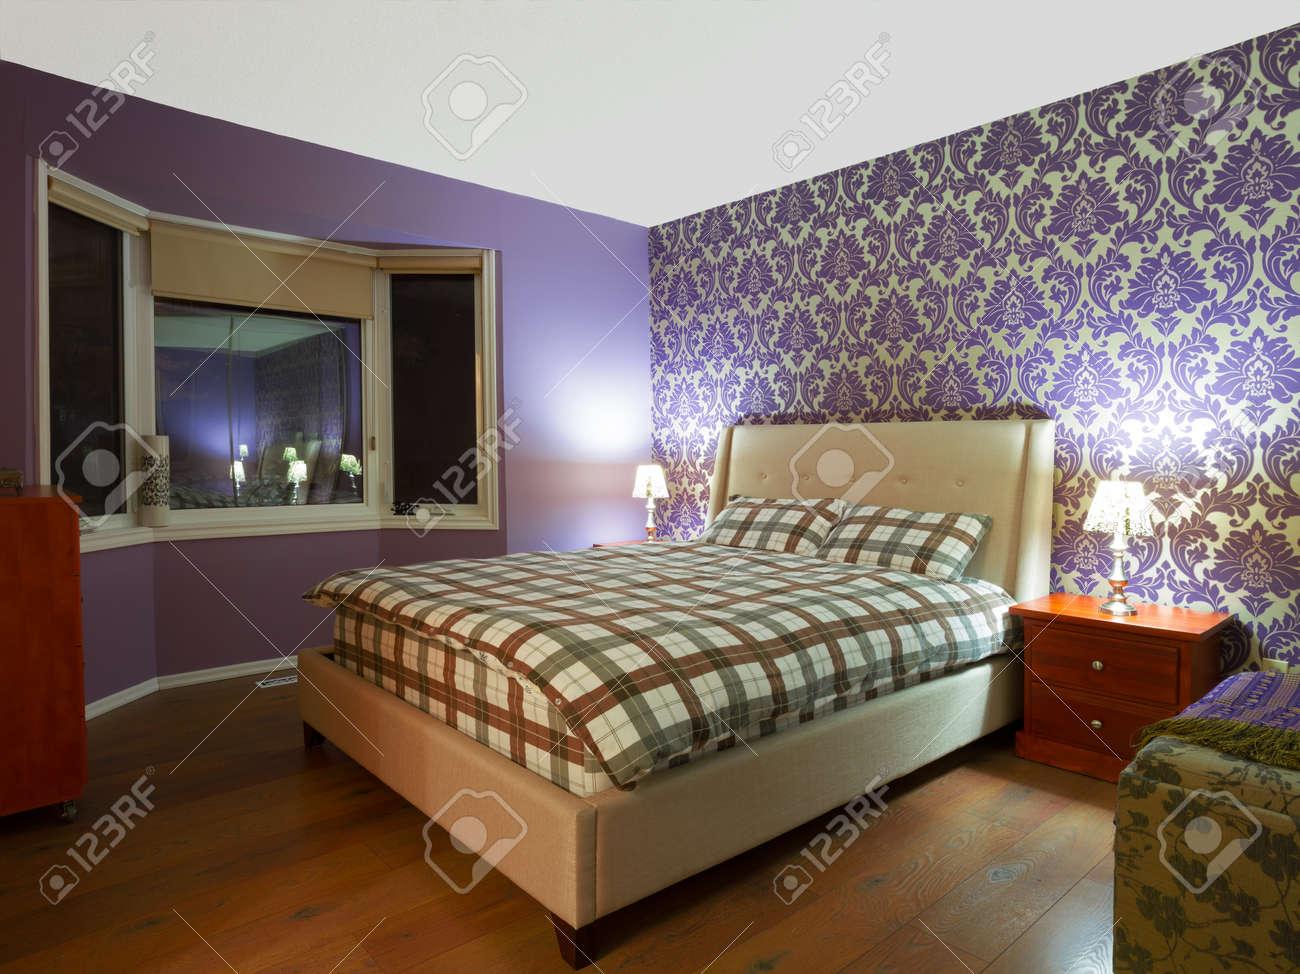 Chambre Coucher Romantique. Decoration Deco Chambre Parentale Deco ...